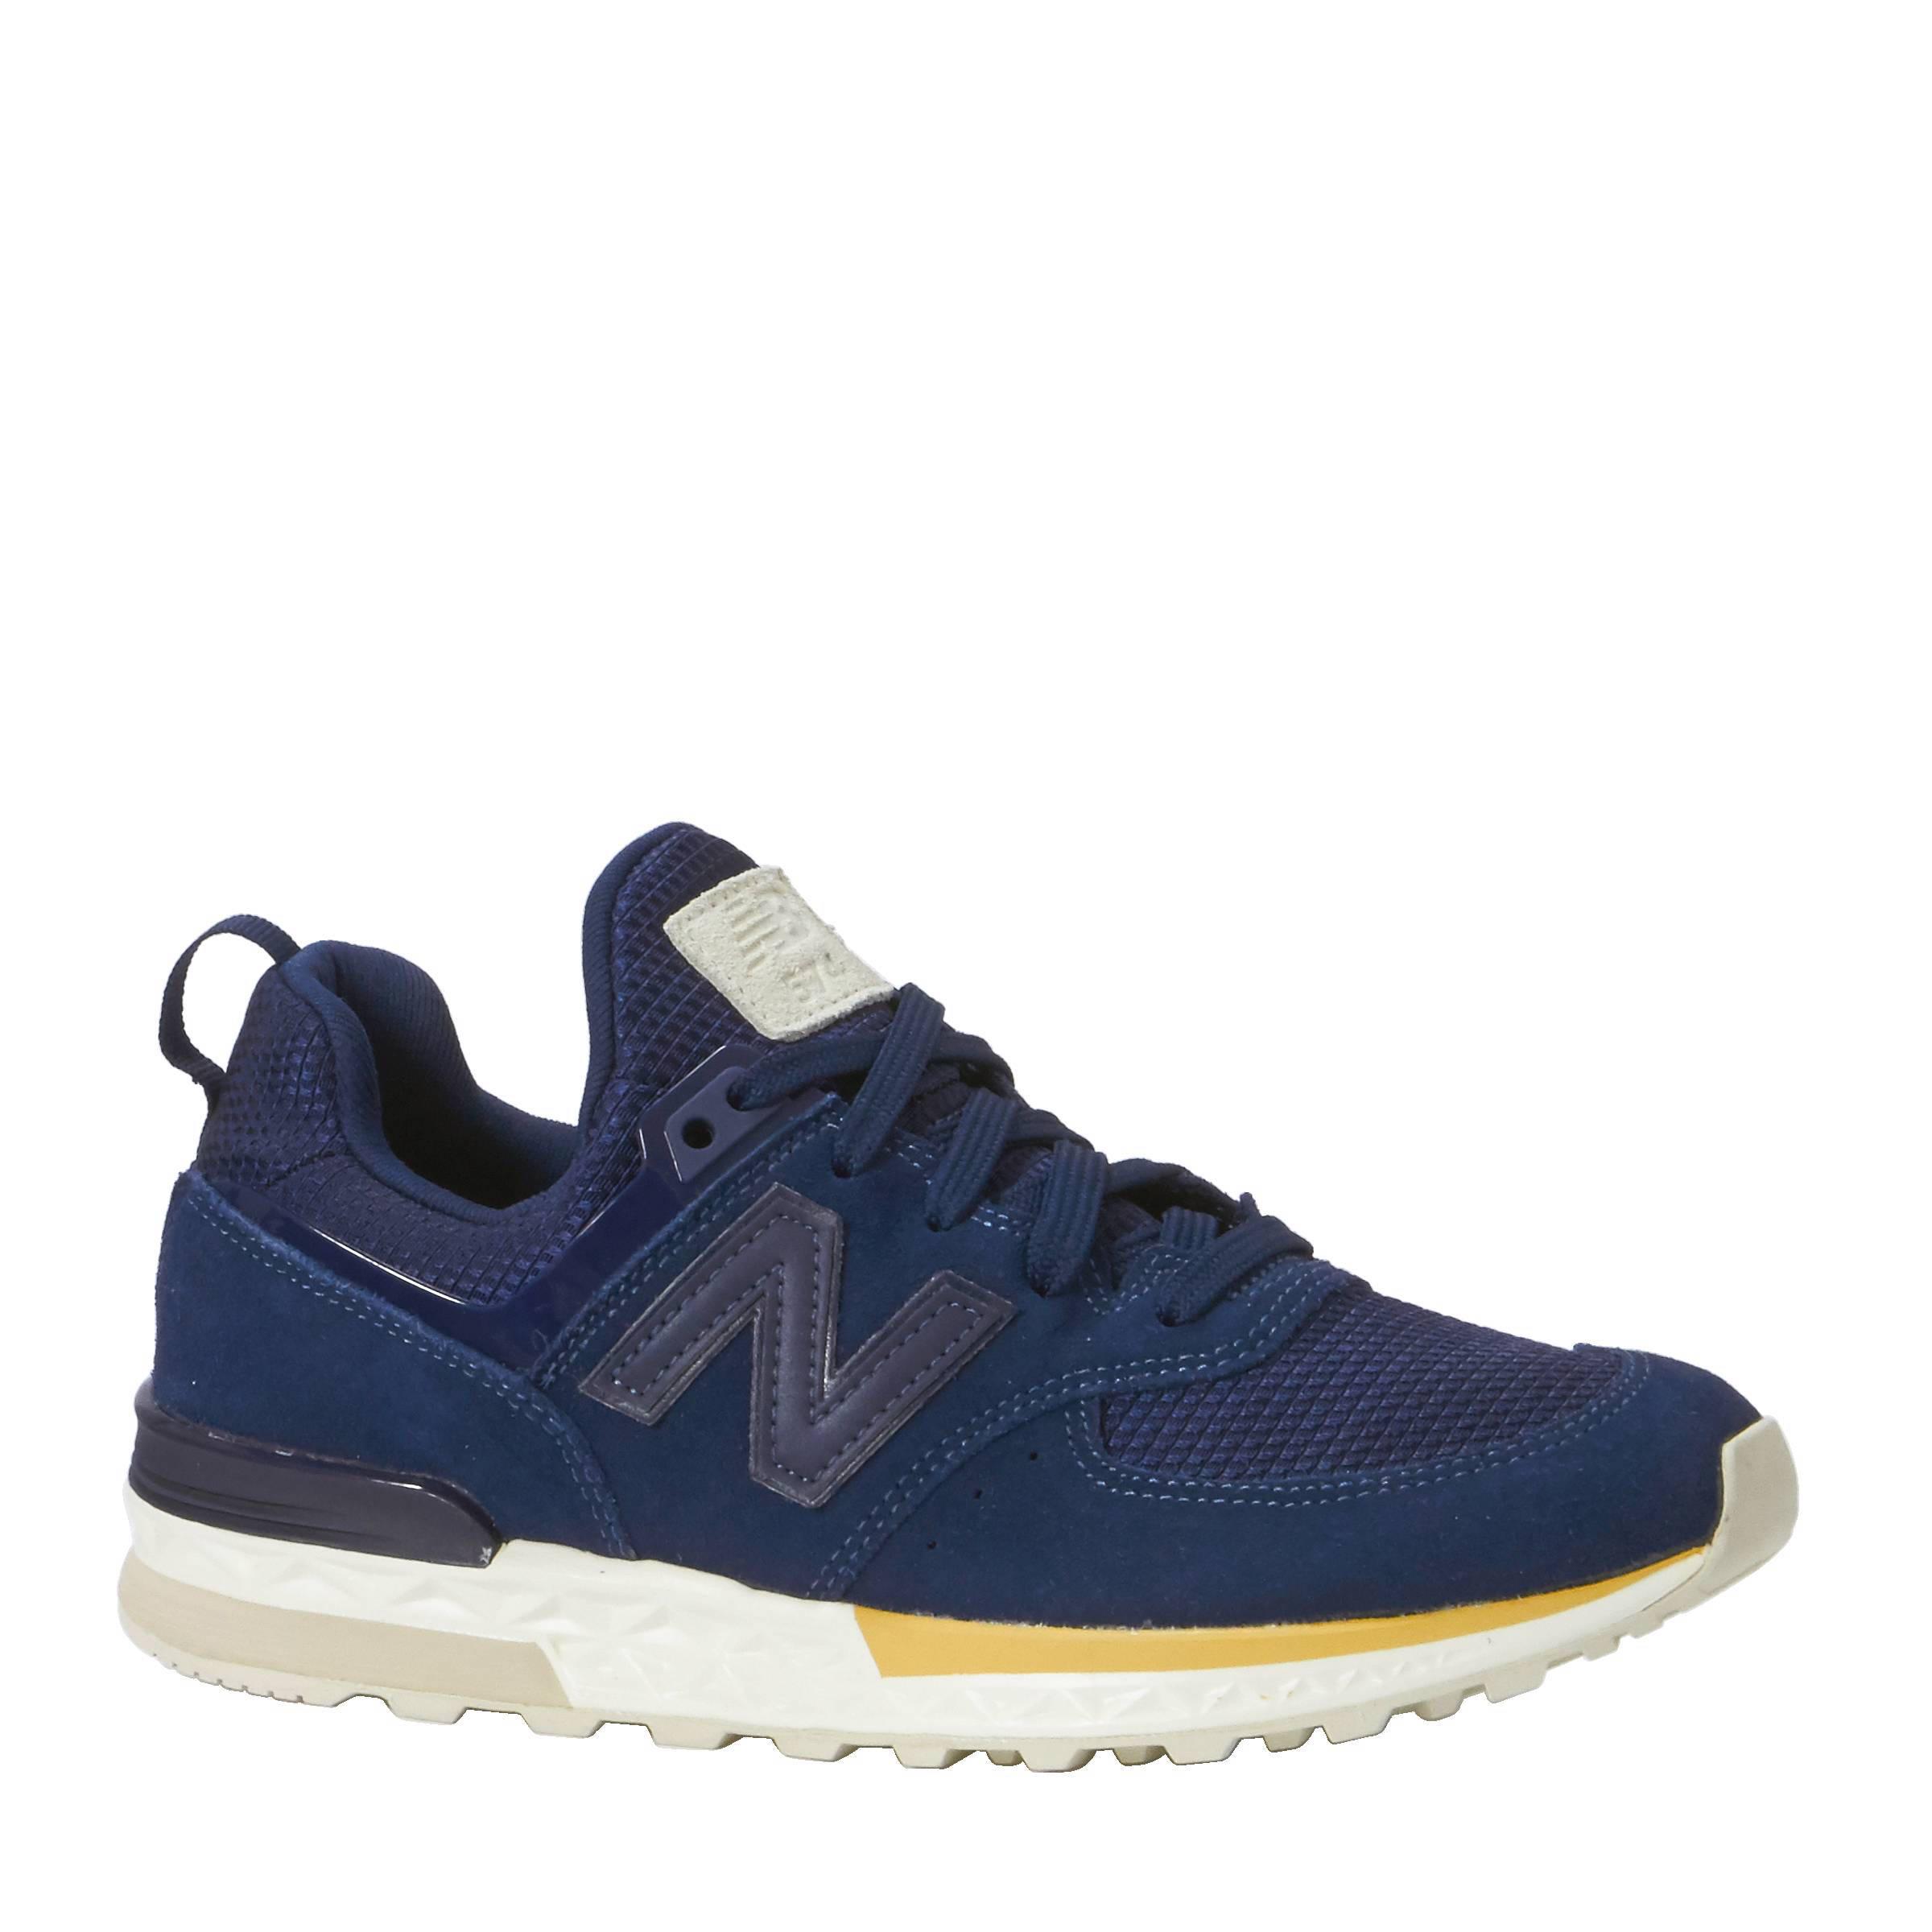 new balance 574 blauw bruin